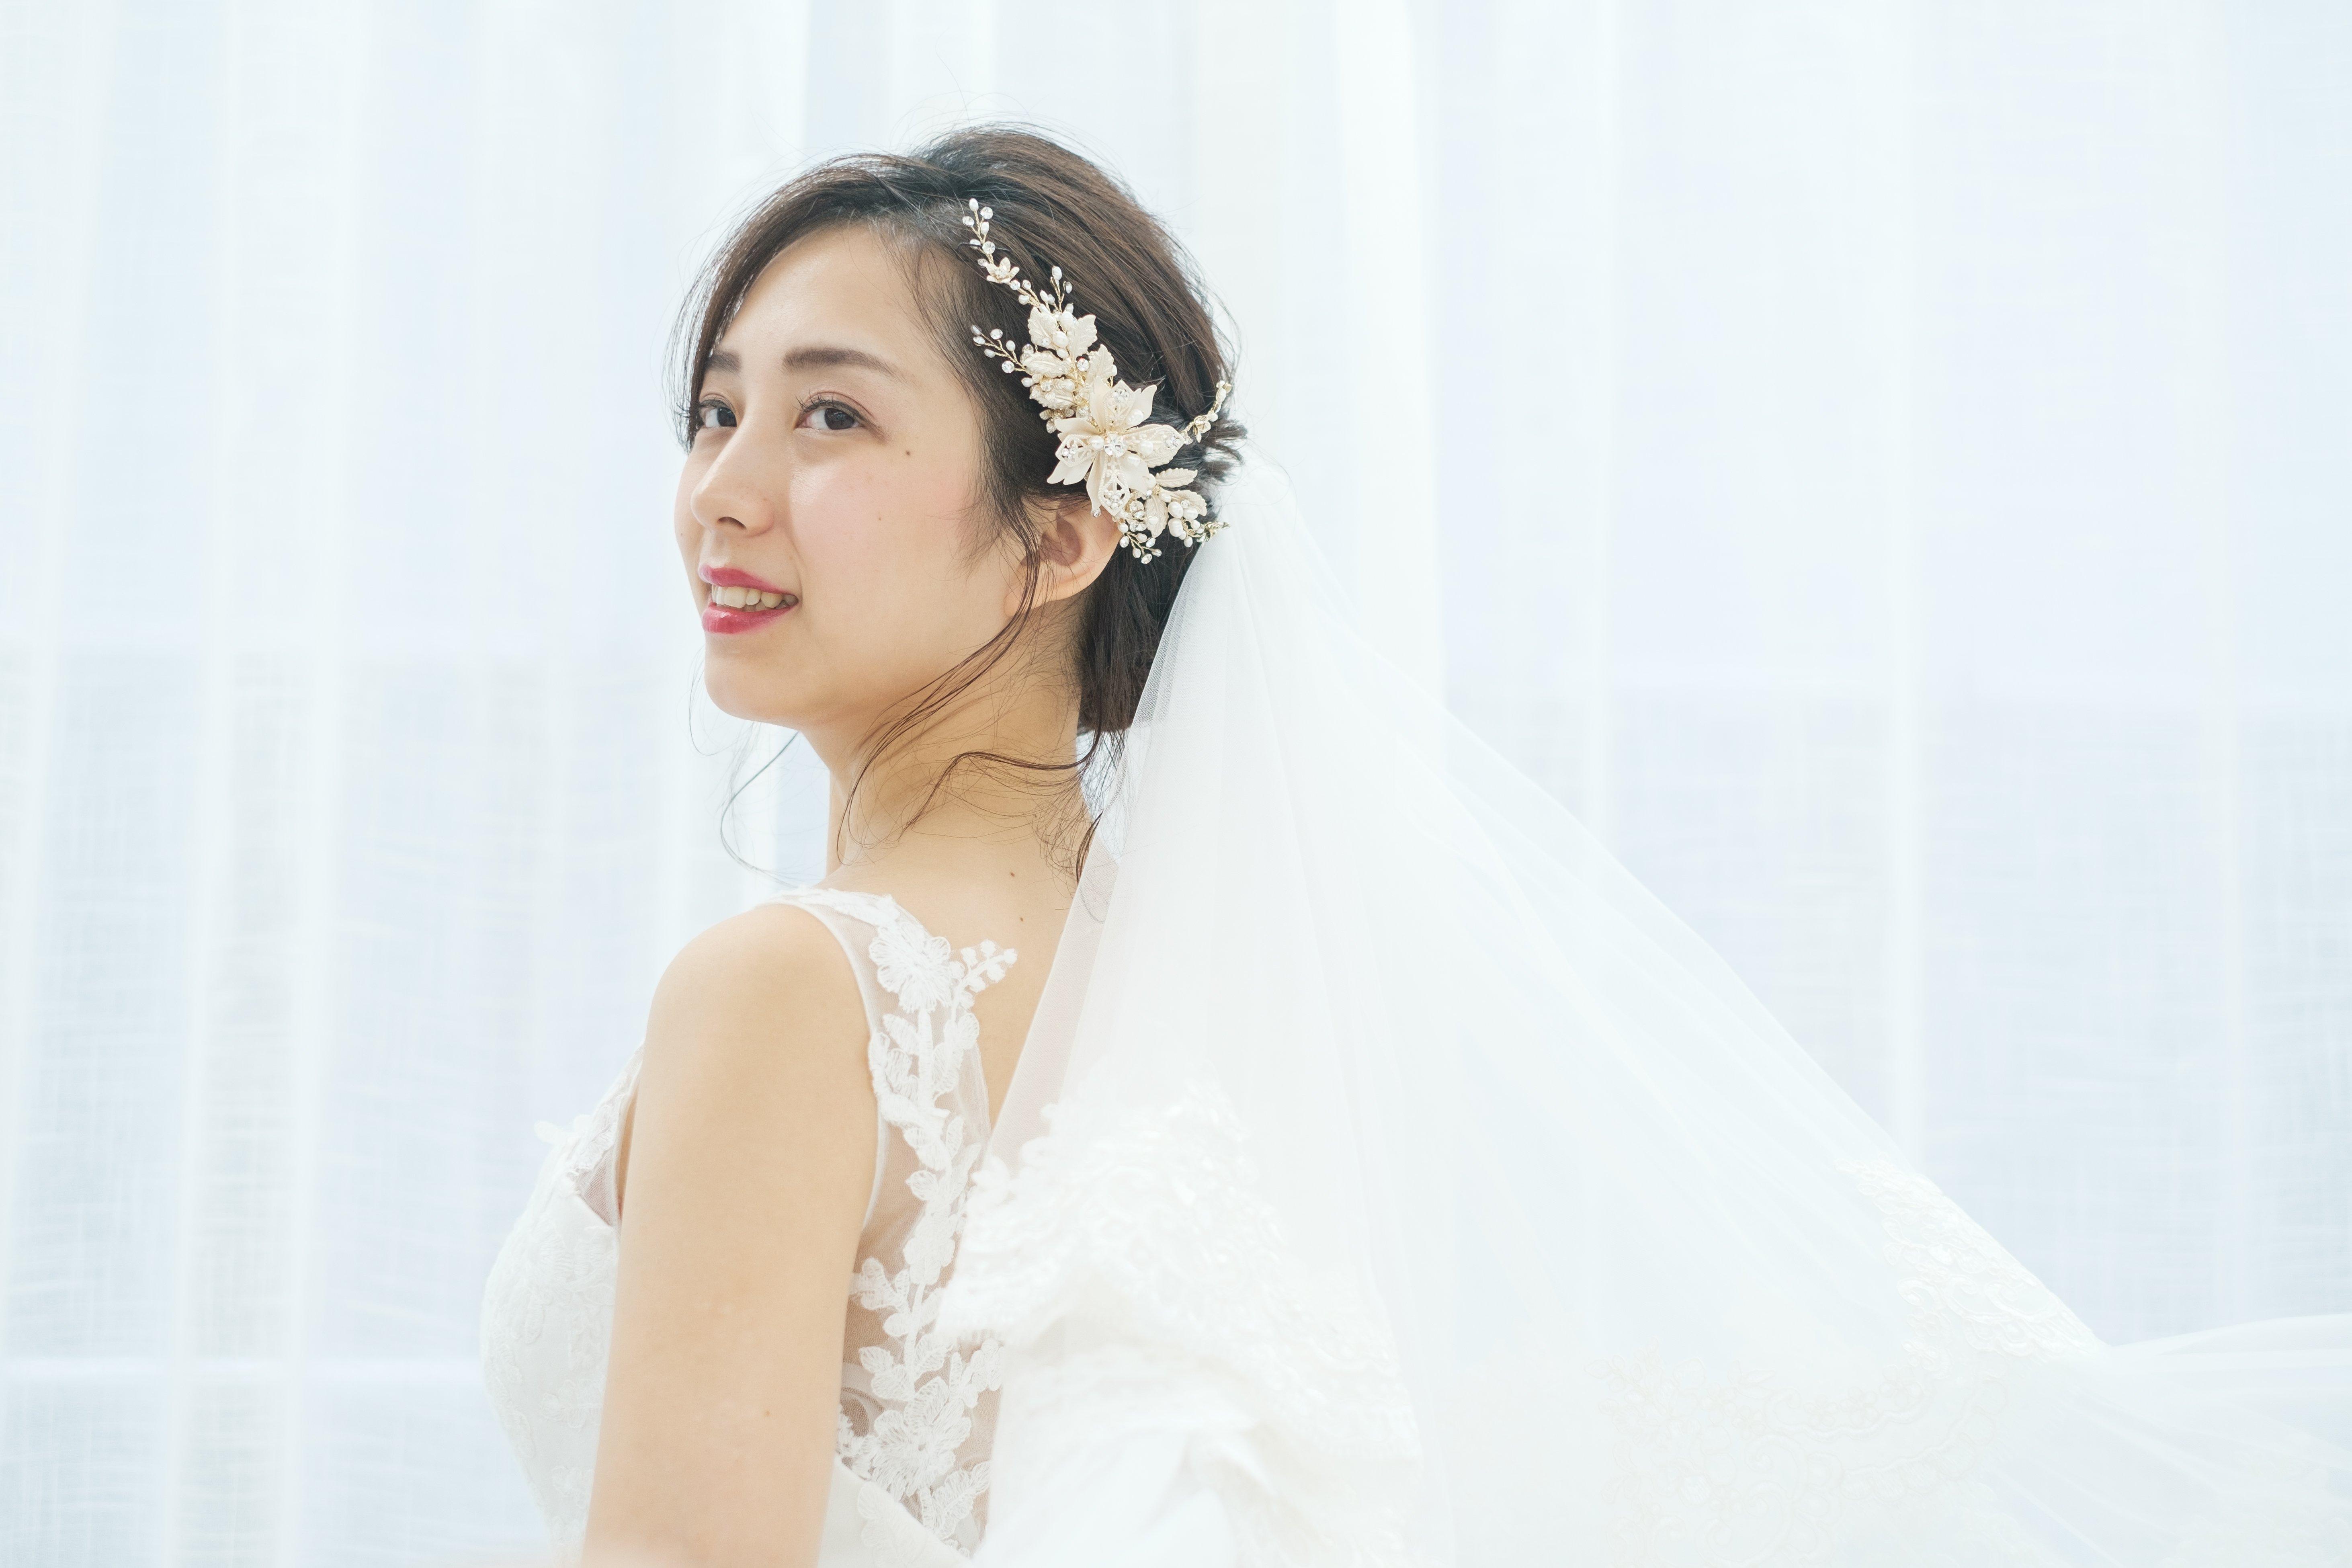 4934d0a24b7bf ウェディングドレスに似合う花嫁髪型とは?ドレス種類別で紹介! - Cocomelodyマガジン